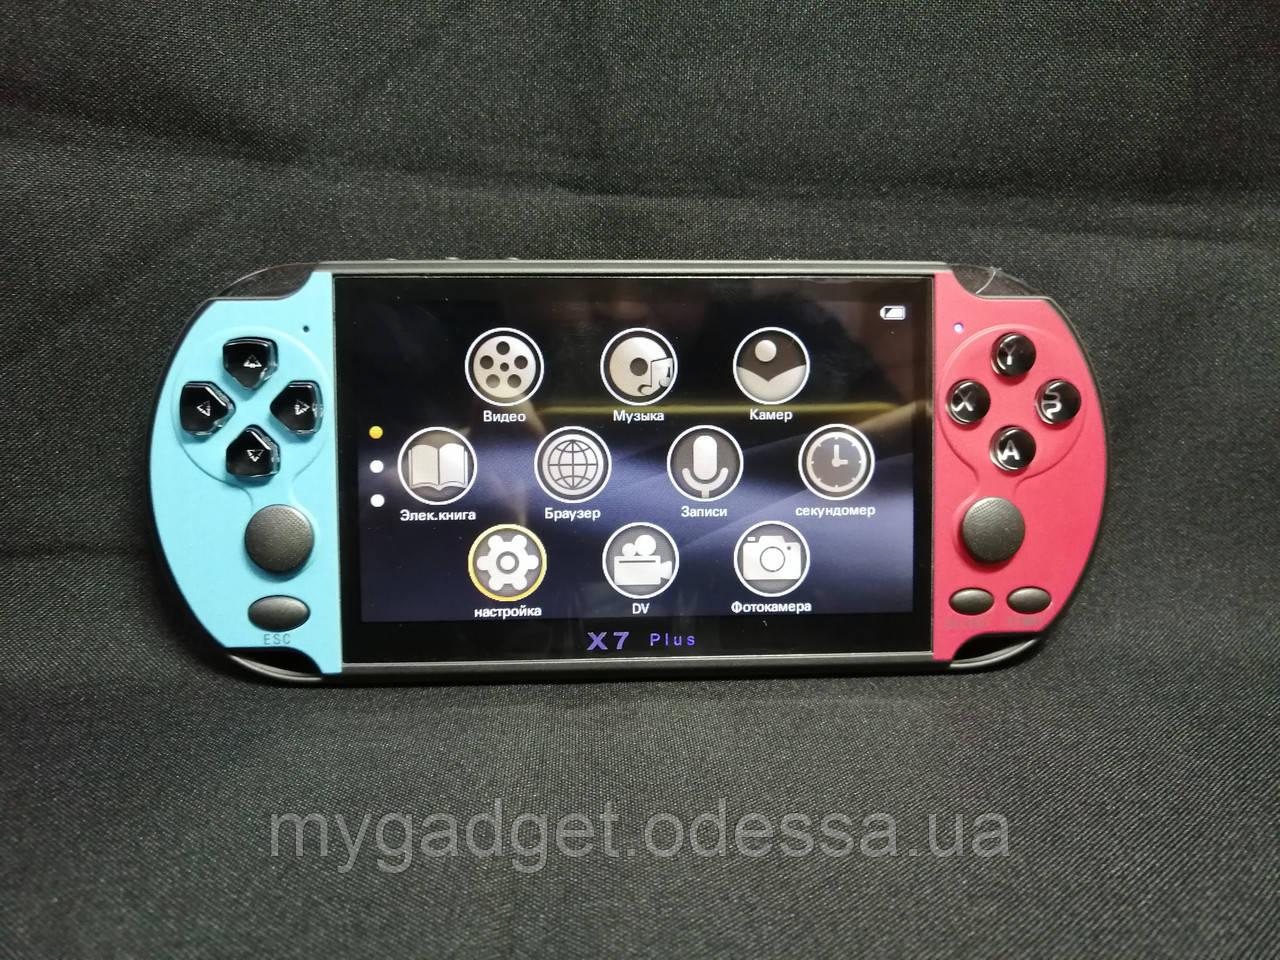 Портативная приставка PSP X7 Plus Голубой + Красный 8GB / 9999 игр встроенно